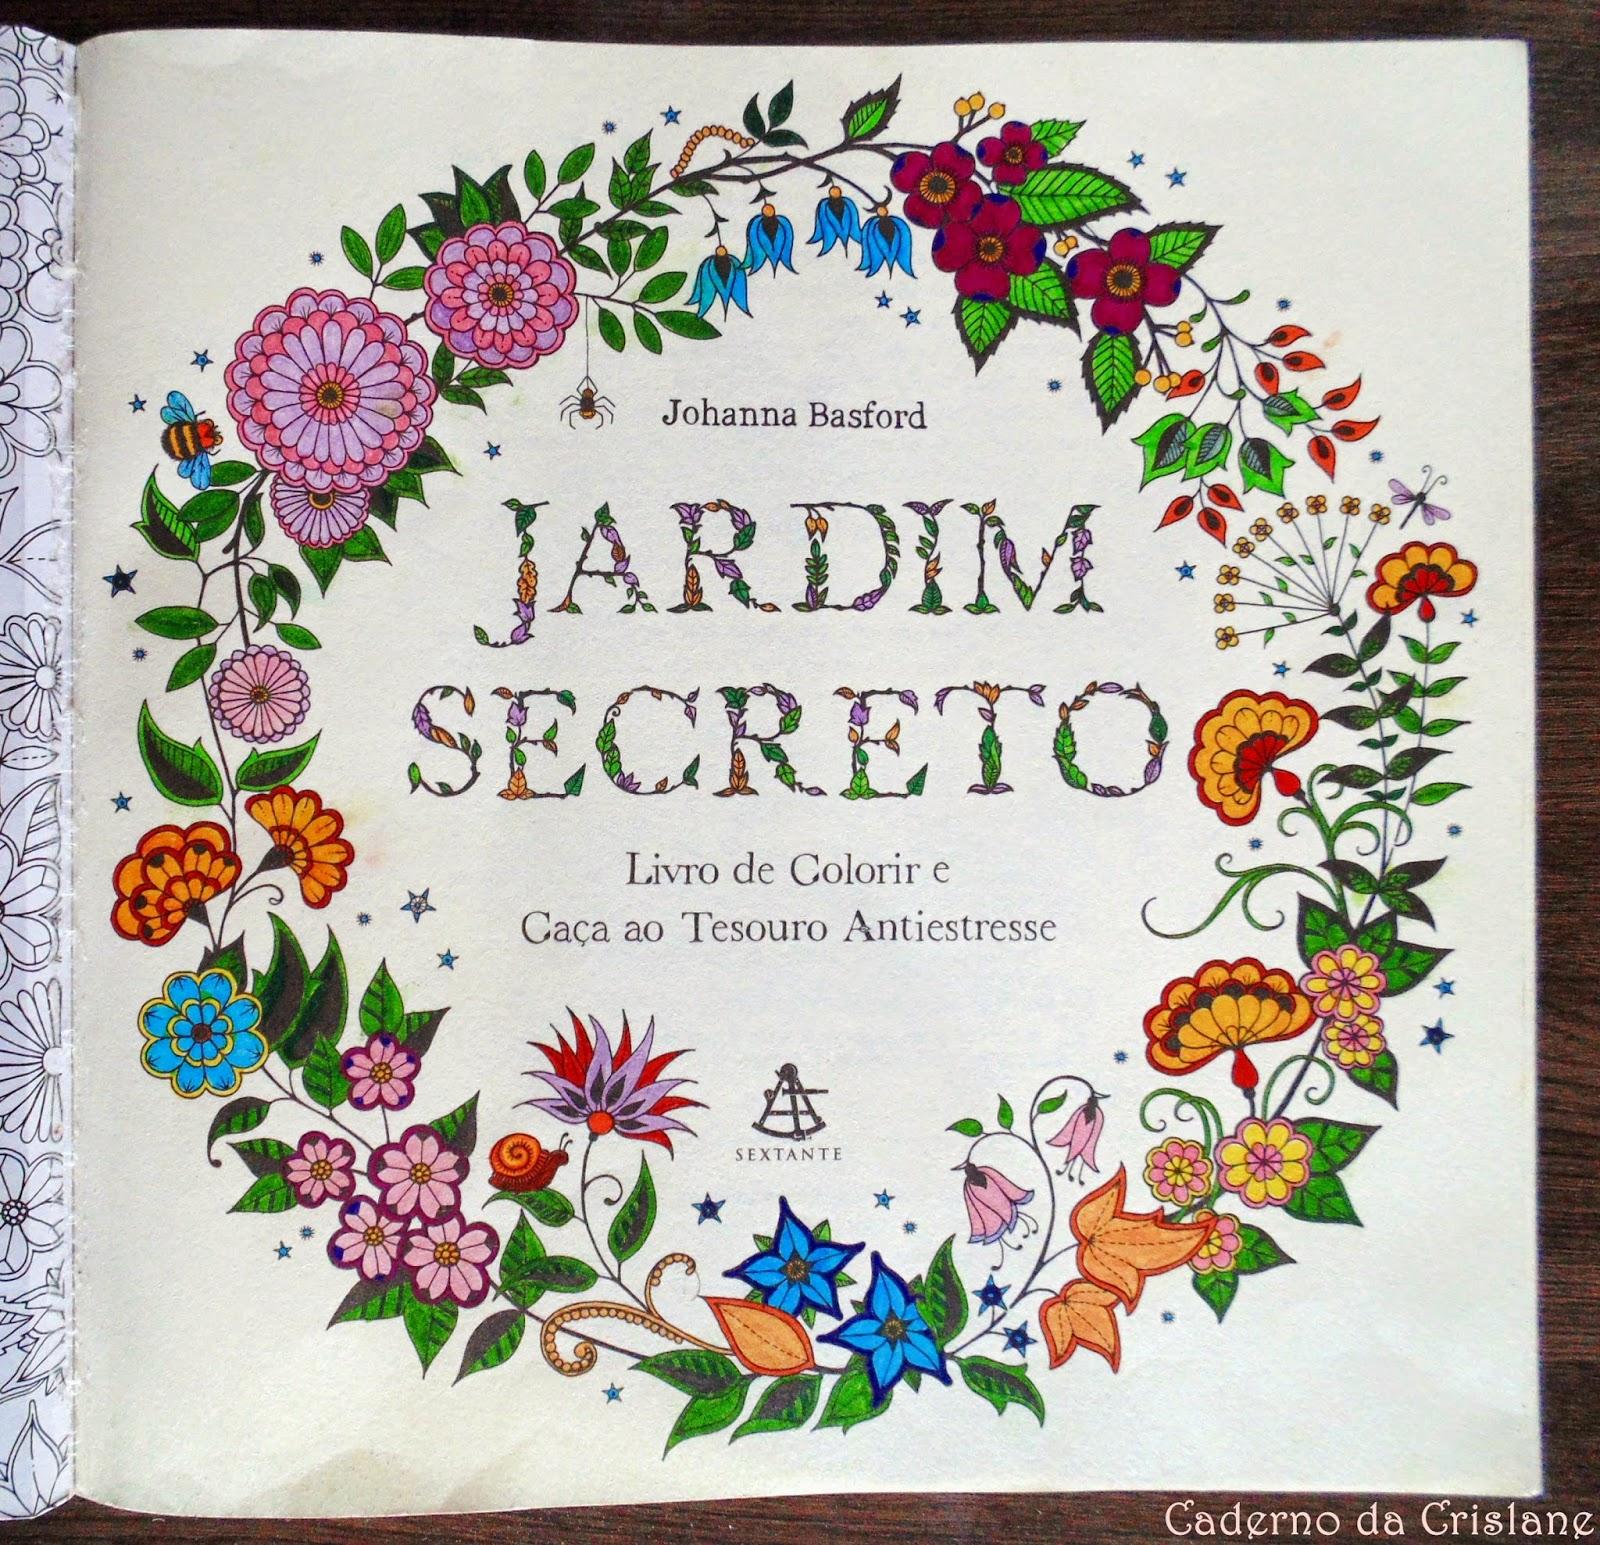 fotos jardim secreto:Jardim Secreto- Johanna Basford